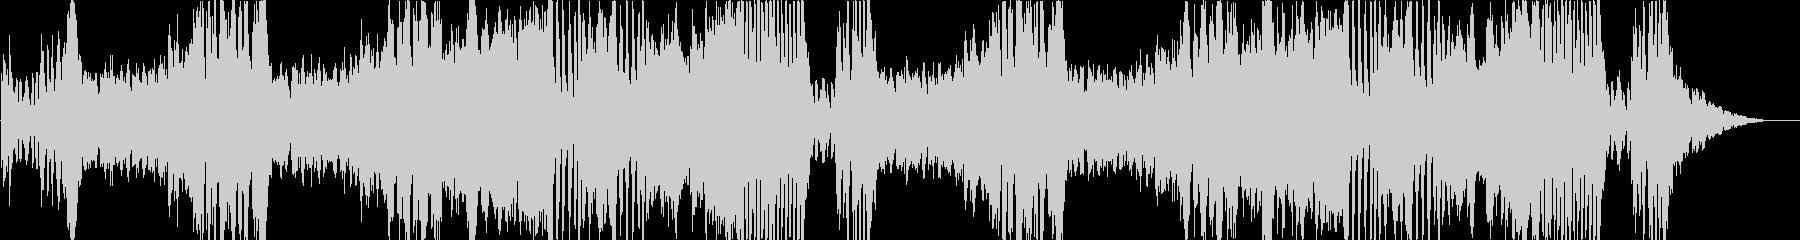 オーケストラ戦闘曲の未再生の波形